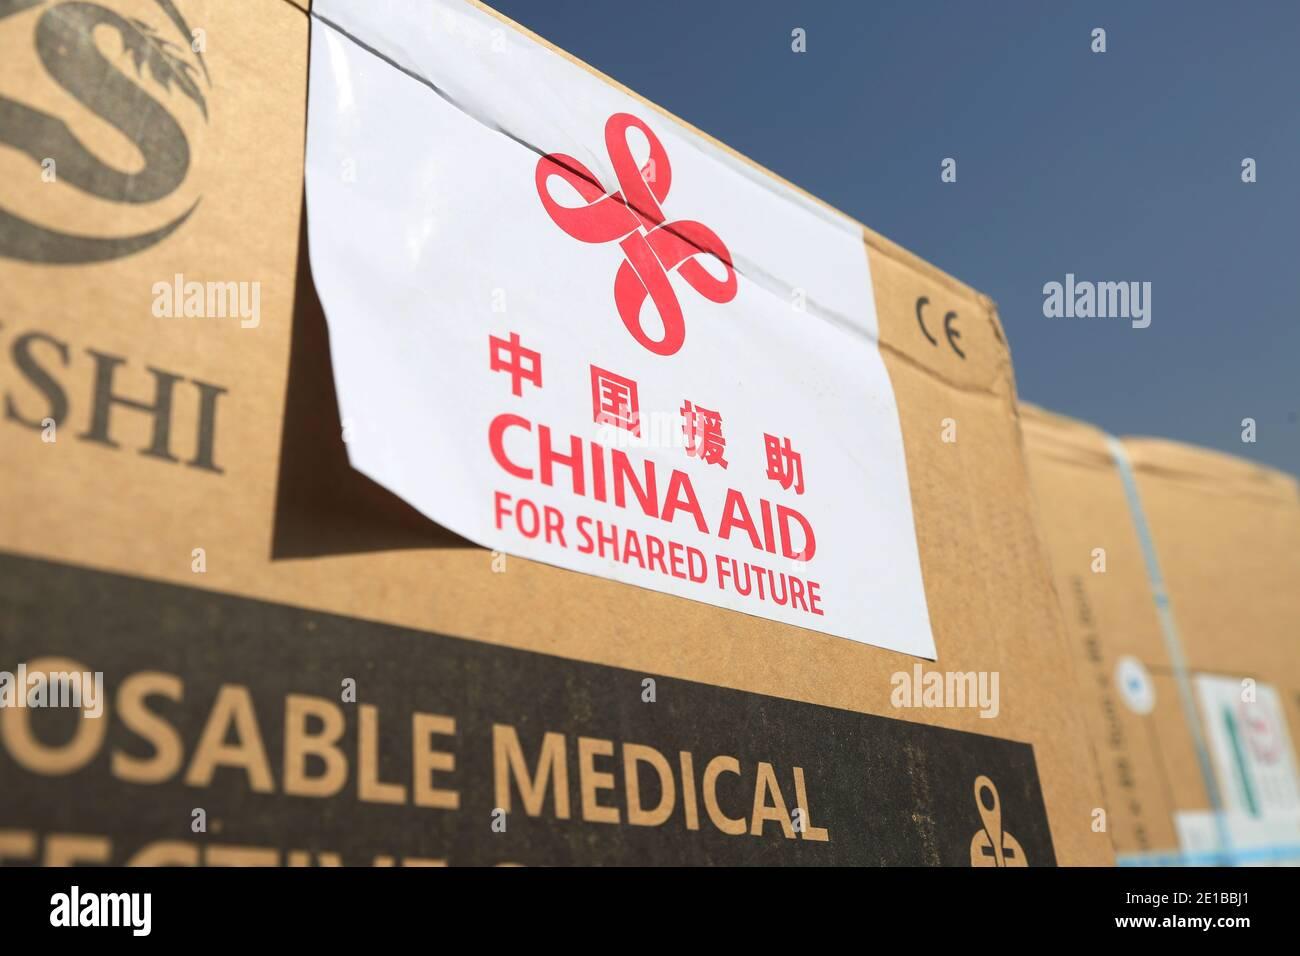 (210106) -- BEIJING, le 6 janvier 2021 (Xinhua) -- la photo prise le 8 octobre 2020 montre des fournitures anti-épidémiques en provenance de Chine lors de la cérémonie de passation de pouvoir à l'aéroport international Hamid Karzia à Kaboul, capitale de l'Afghanistan. (Photo de Rahmatullah Alizadah/Xinhua) Banque D'Images